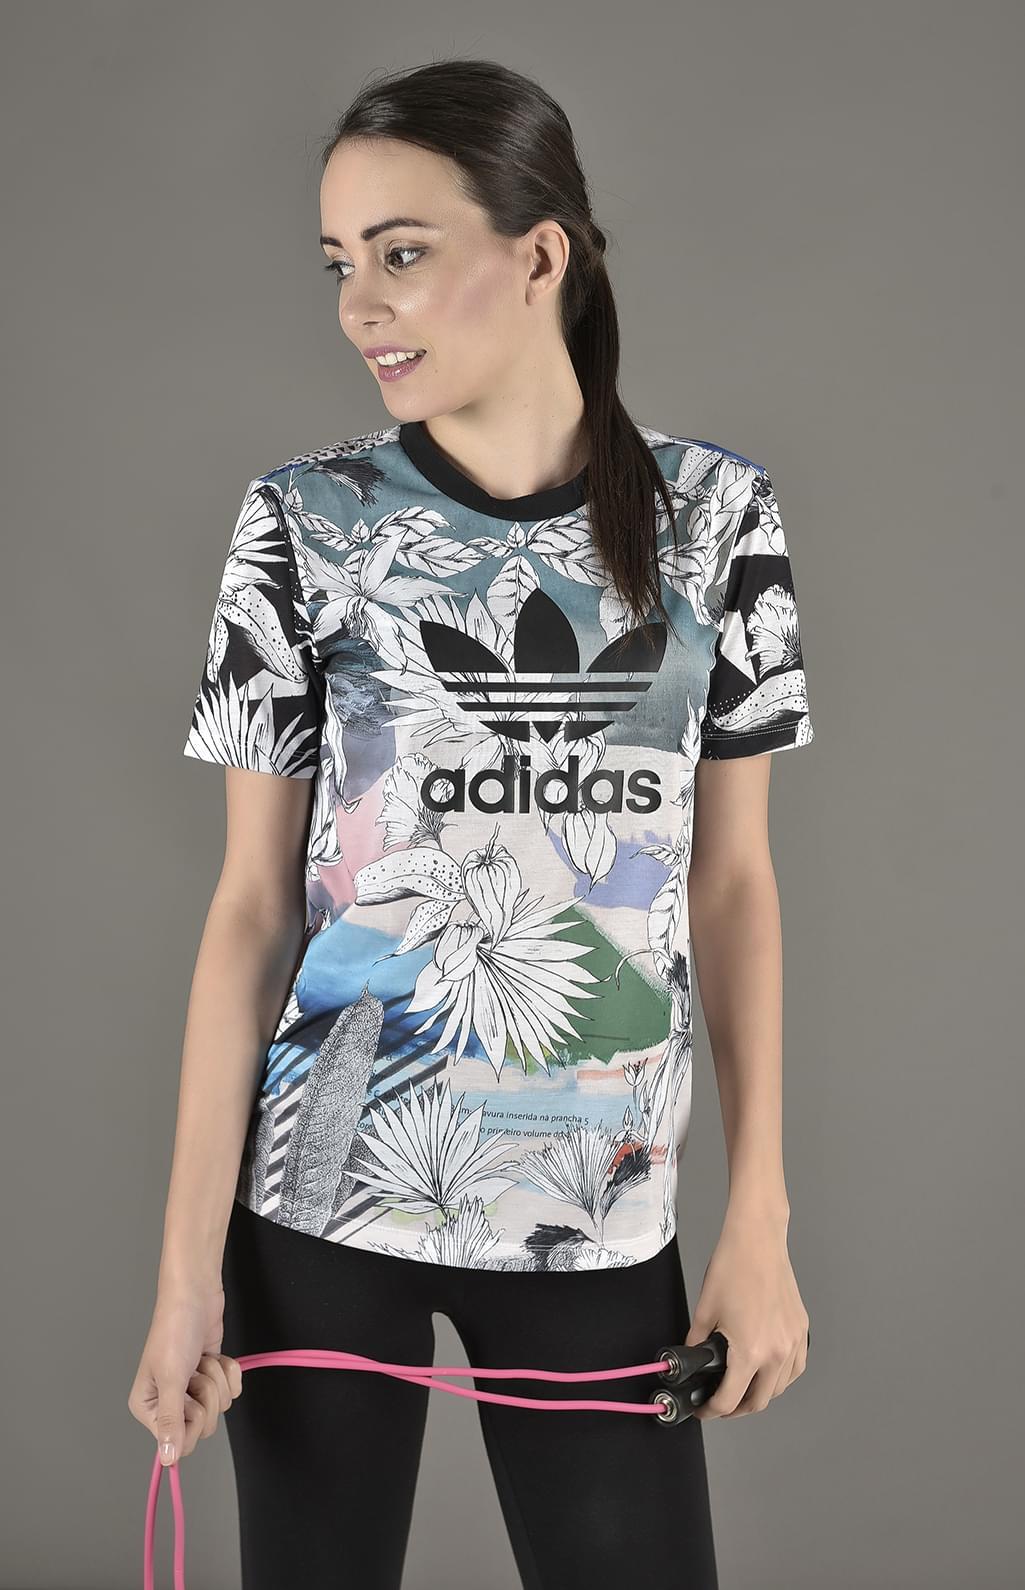 Playersfashion hu Originals Playersfashion Adidas Adidas hu Woman Playersfashion Woman Originals pxXwqP